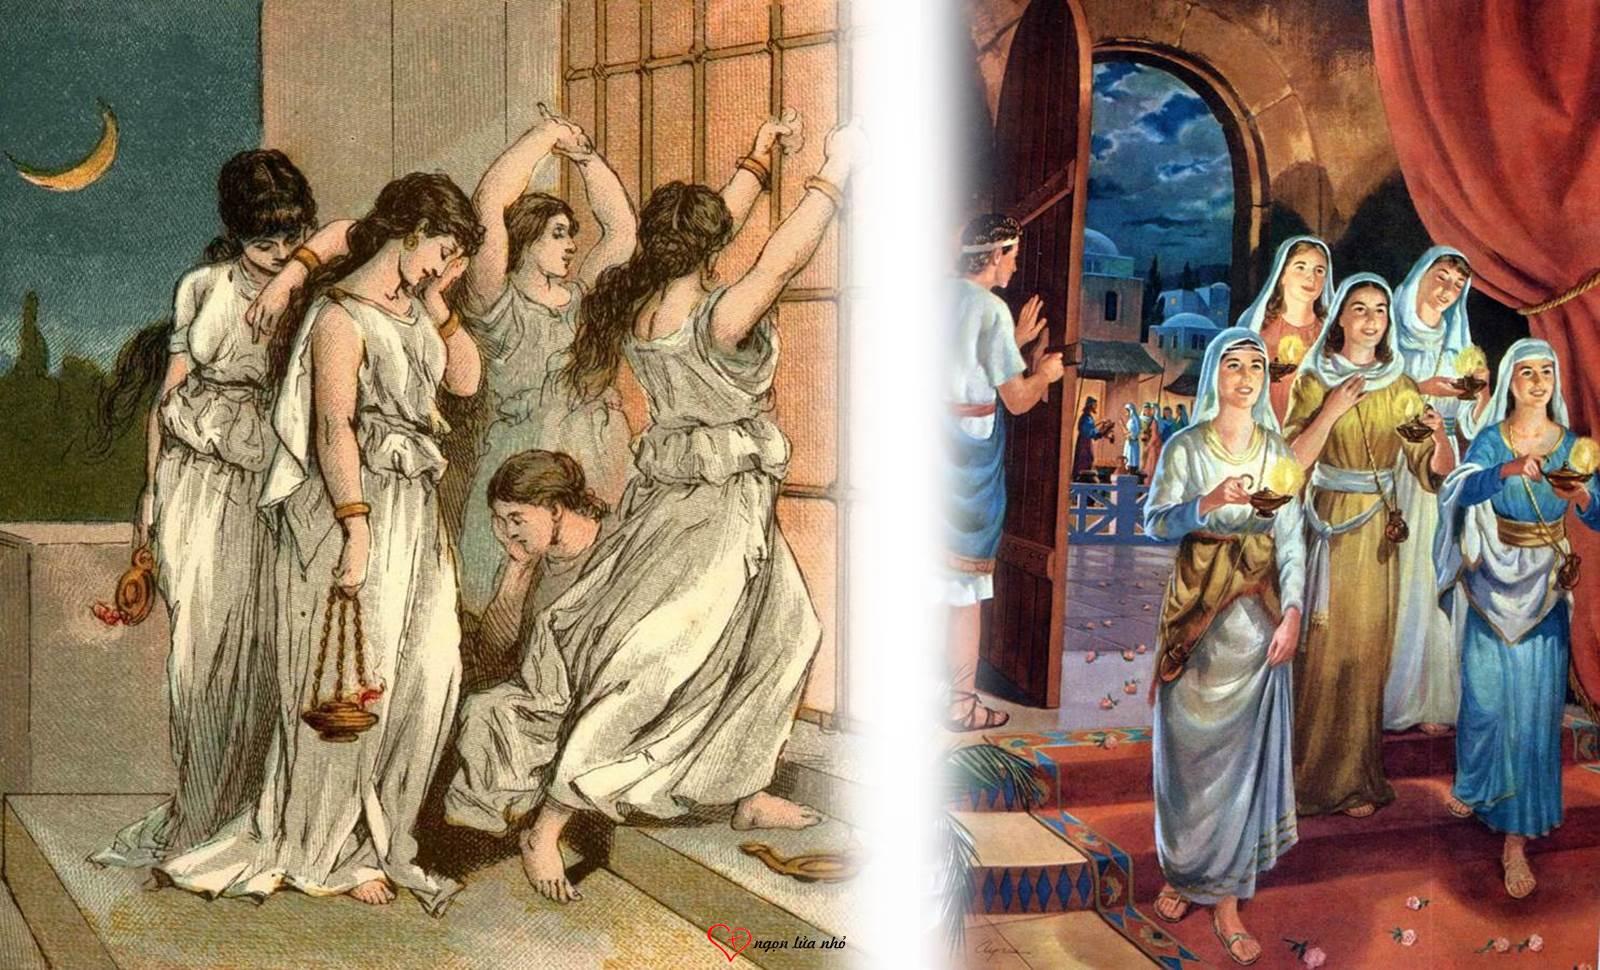 Vừa mang đèn, vừa mang dầu (28.8.2020 – Thứ Sáu Tuần 21 TN - Lễ Nhớ Thánh Augustinô)